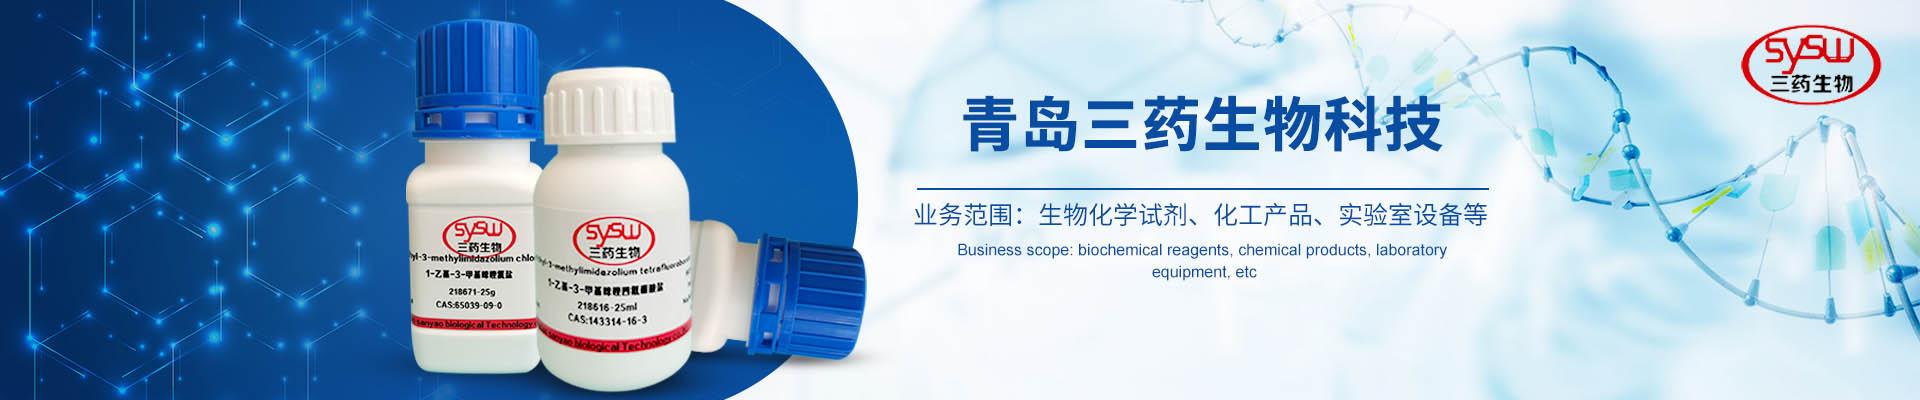 青島三藥生物科技有限公司公司介紹